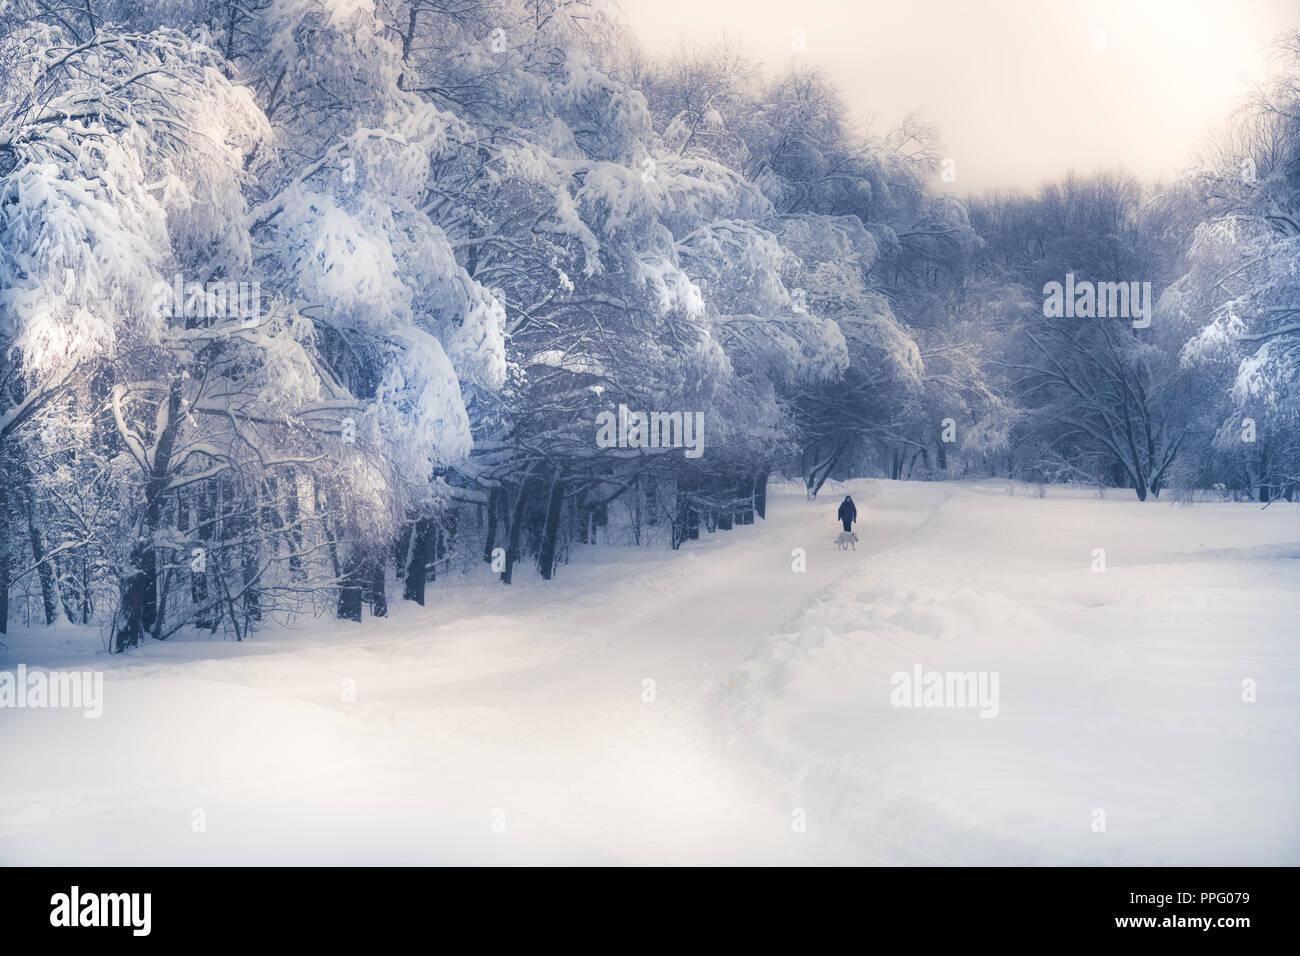 Solitaria silueta caminar sobre la calzada nevada en temporada de invierno en el parque forestal de árboles nevados en suaves colores púrpura azul Imagen De Stock